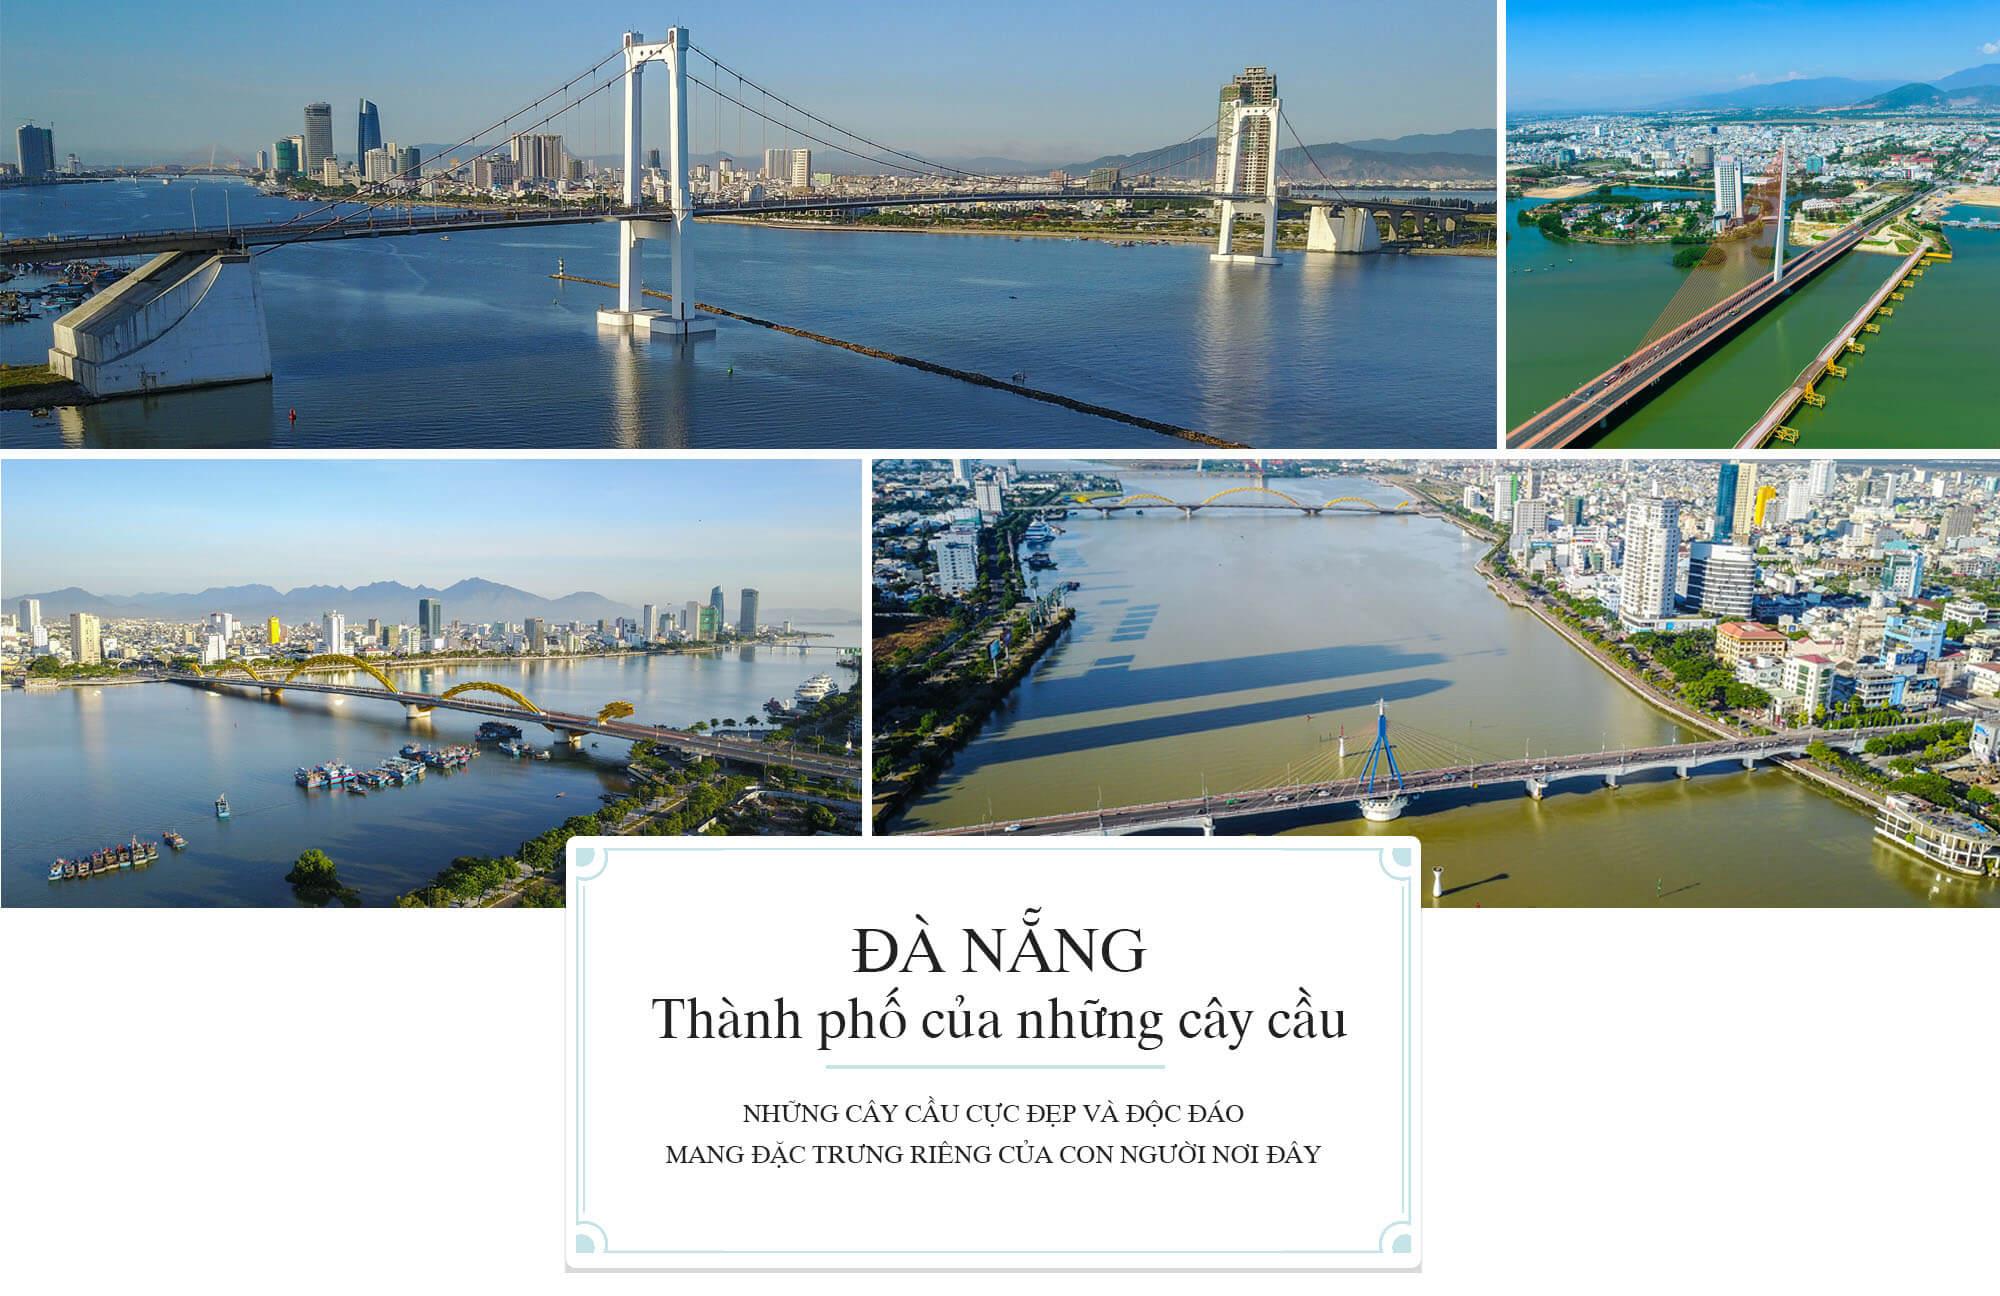 Bài thuyết minh về các cây cầu bắt qua sông Hàn \u2013 Sở Du lịch Đà Nẵng